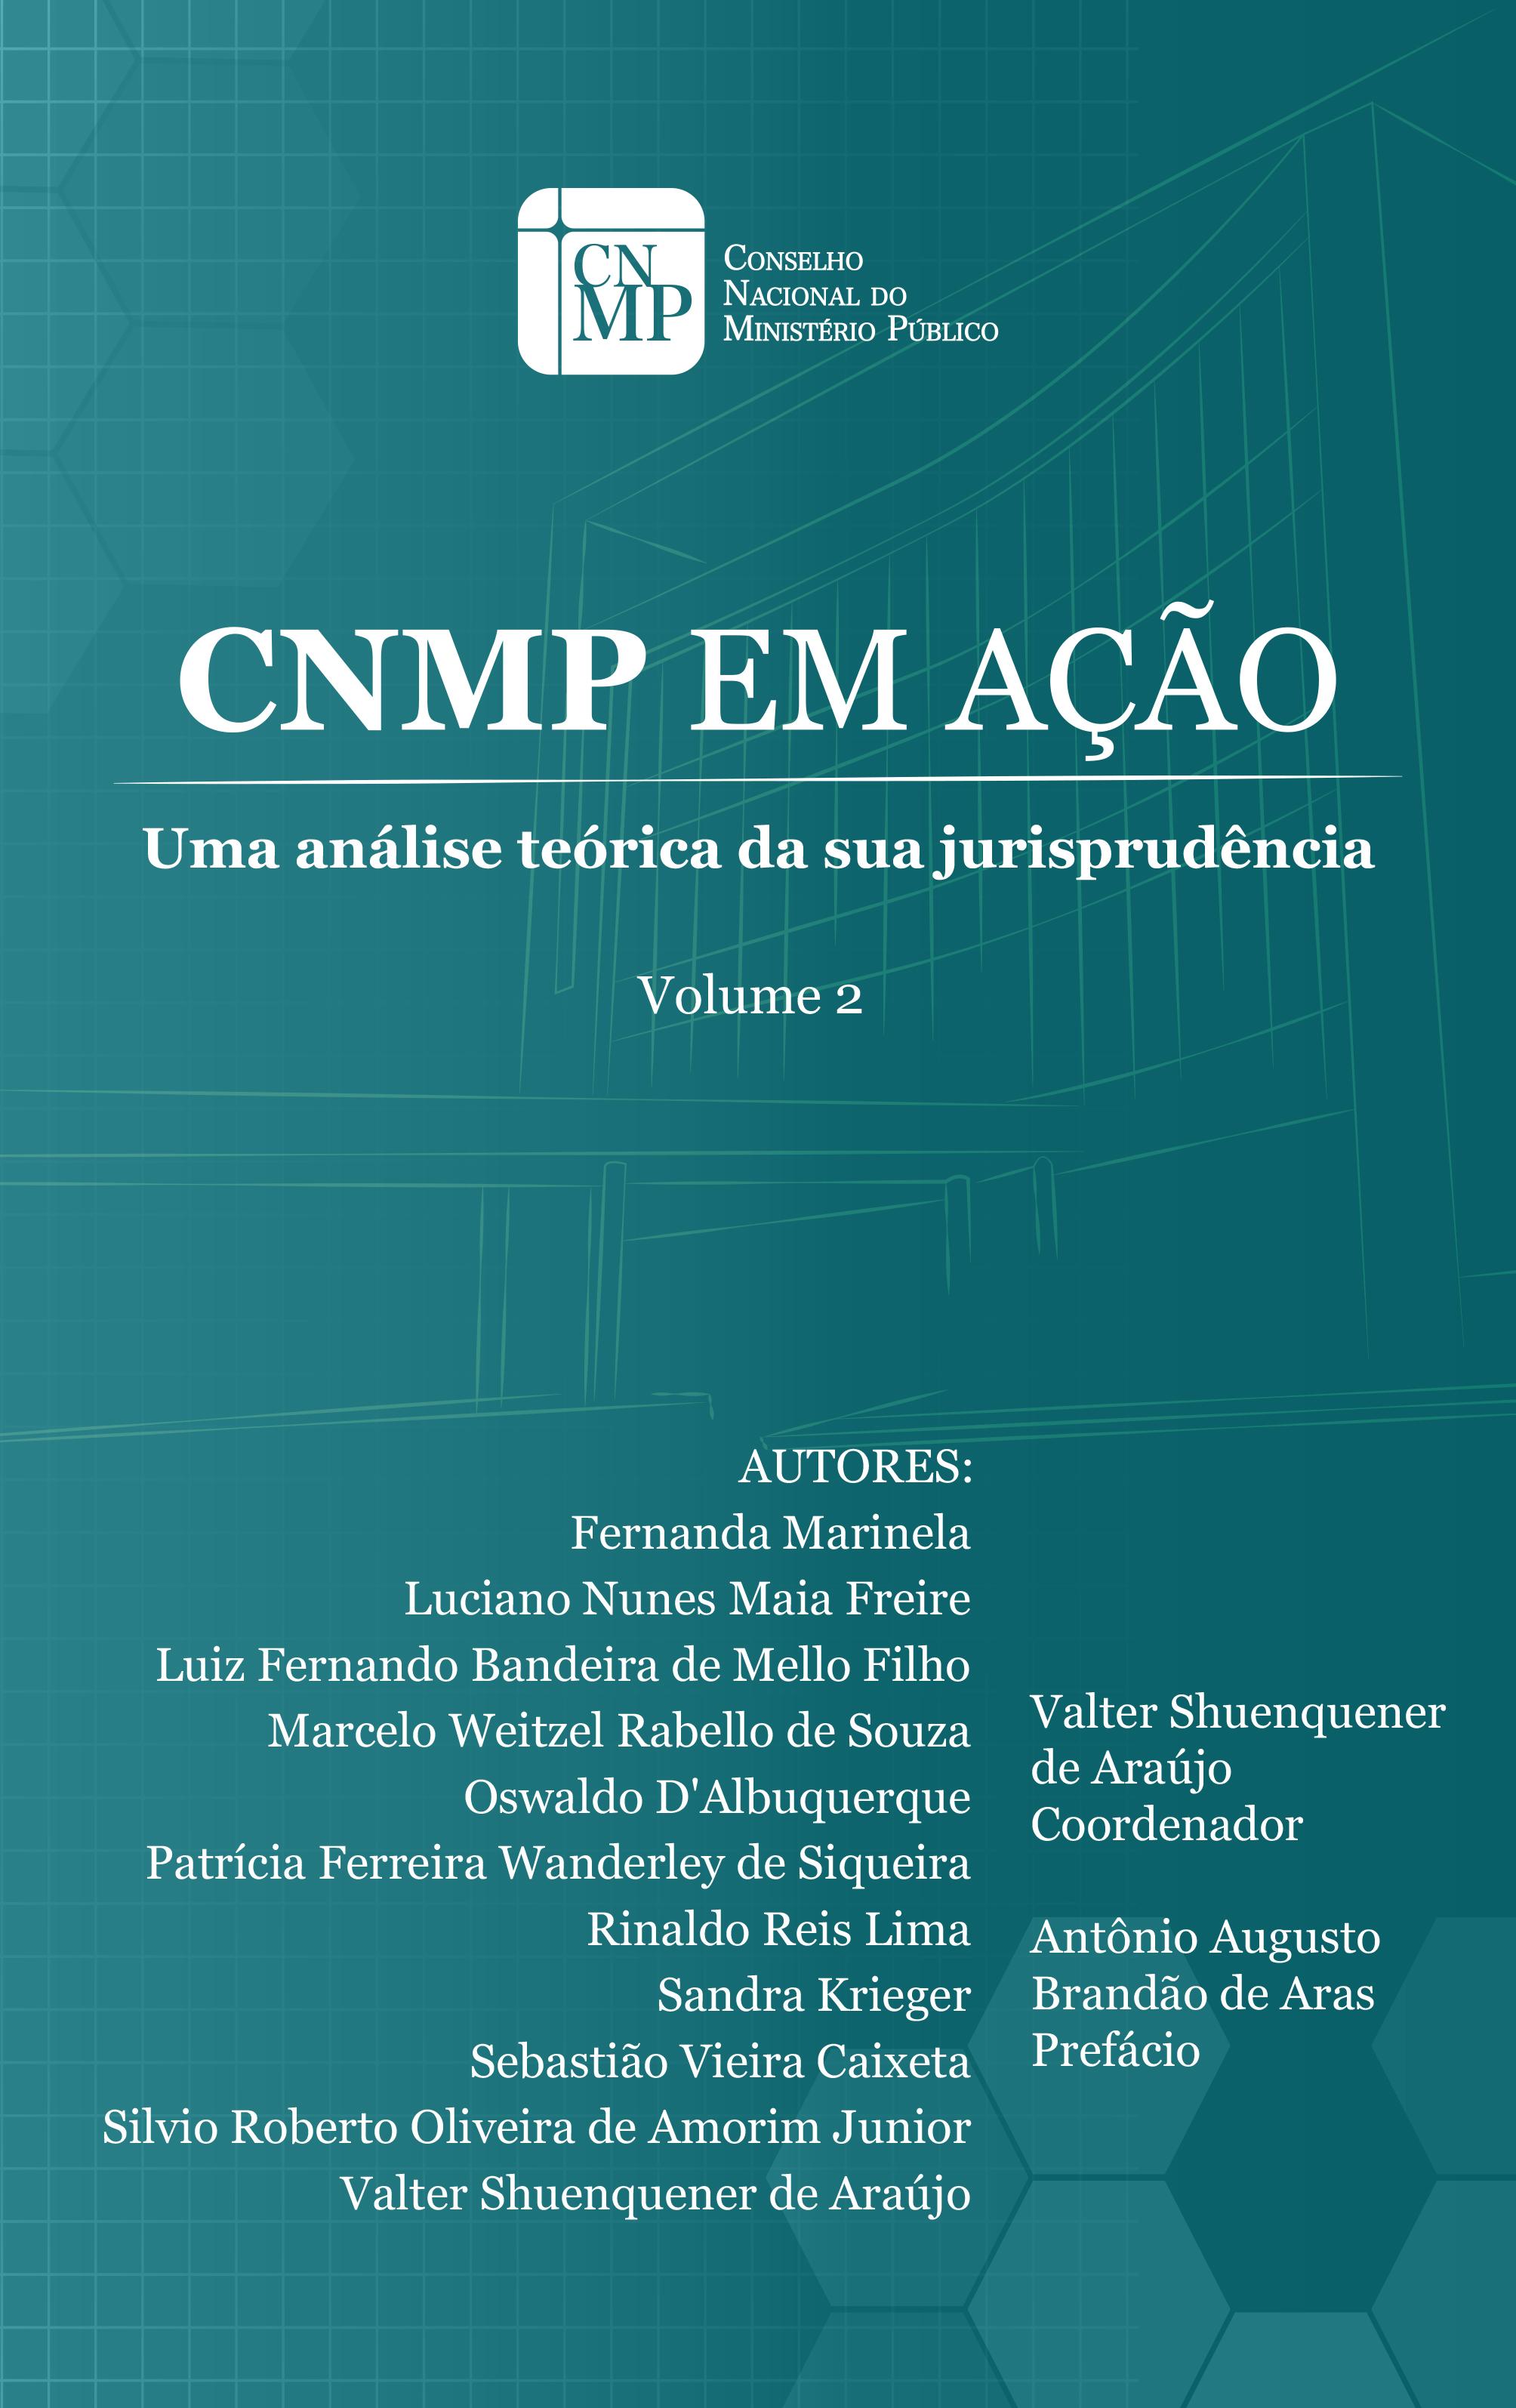 CNMP em ação 2020